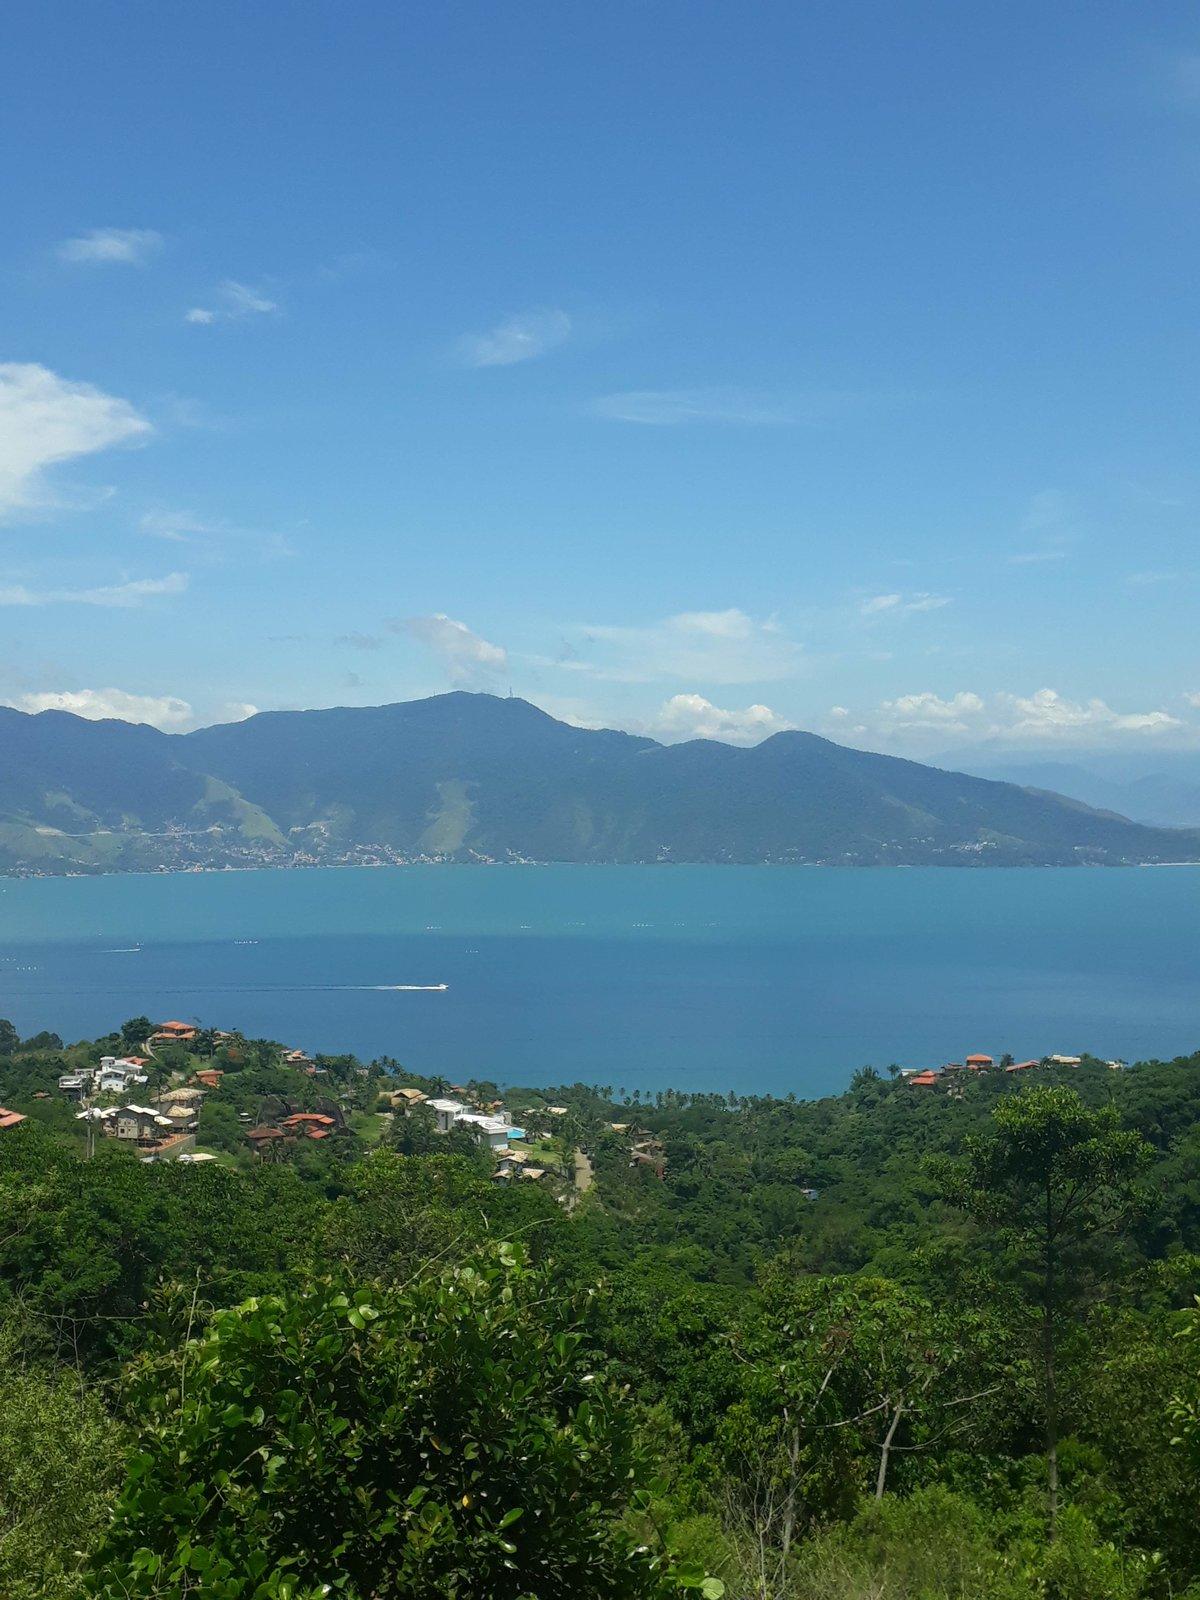 VIsta do Pico do Baepi